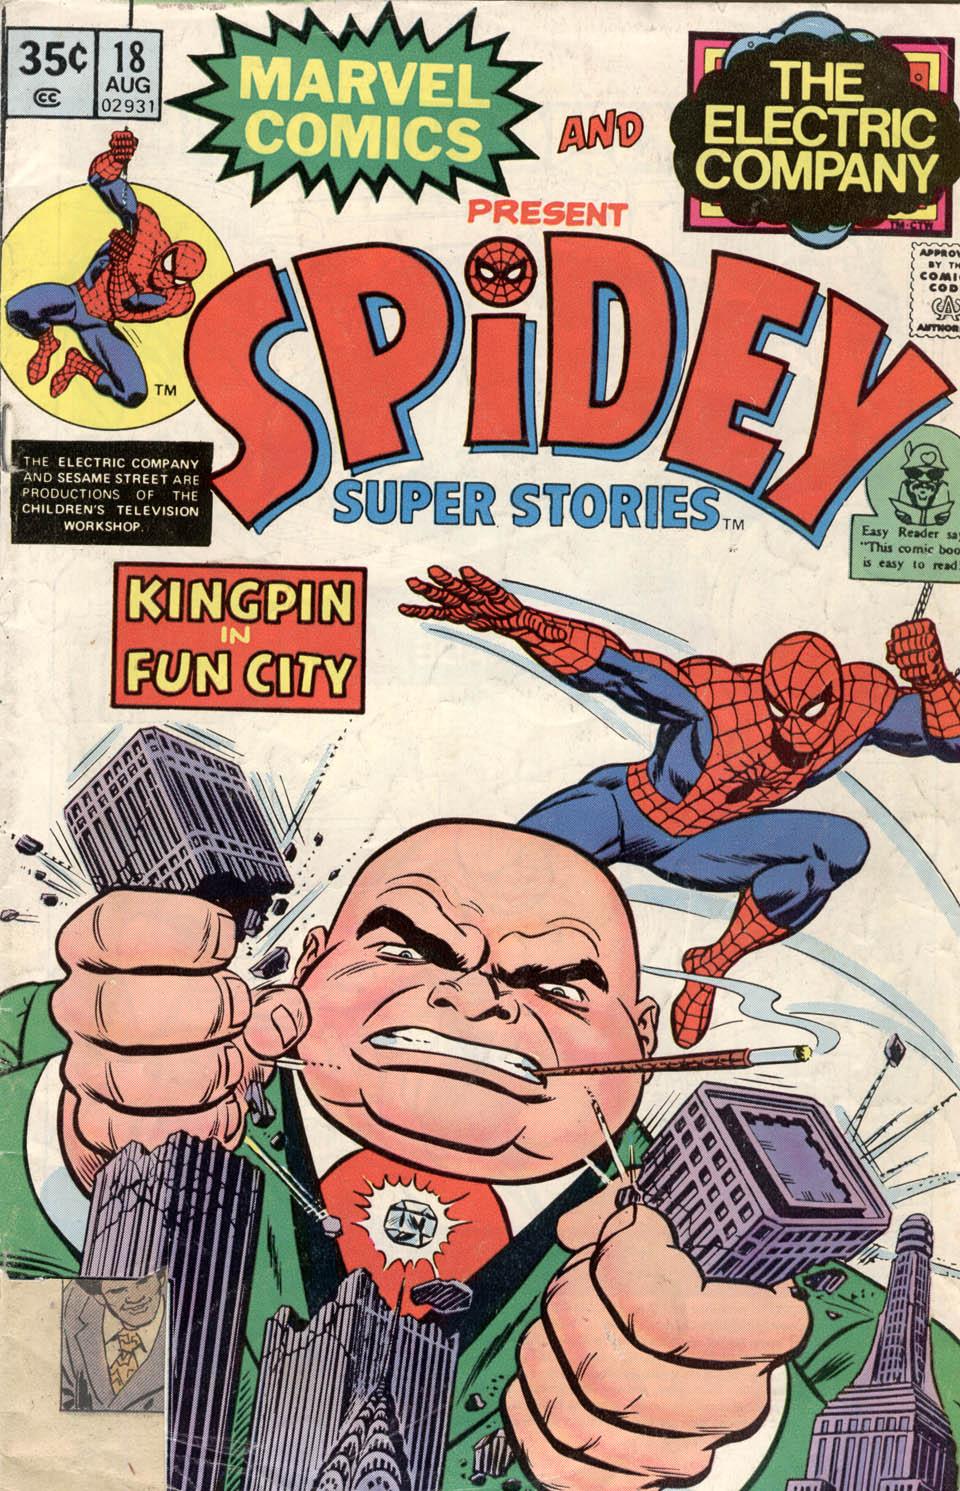 Spidey Super Stories 18 Page 1